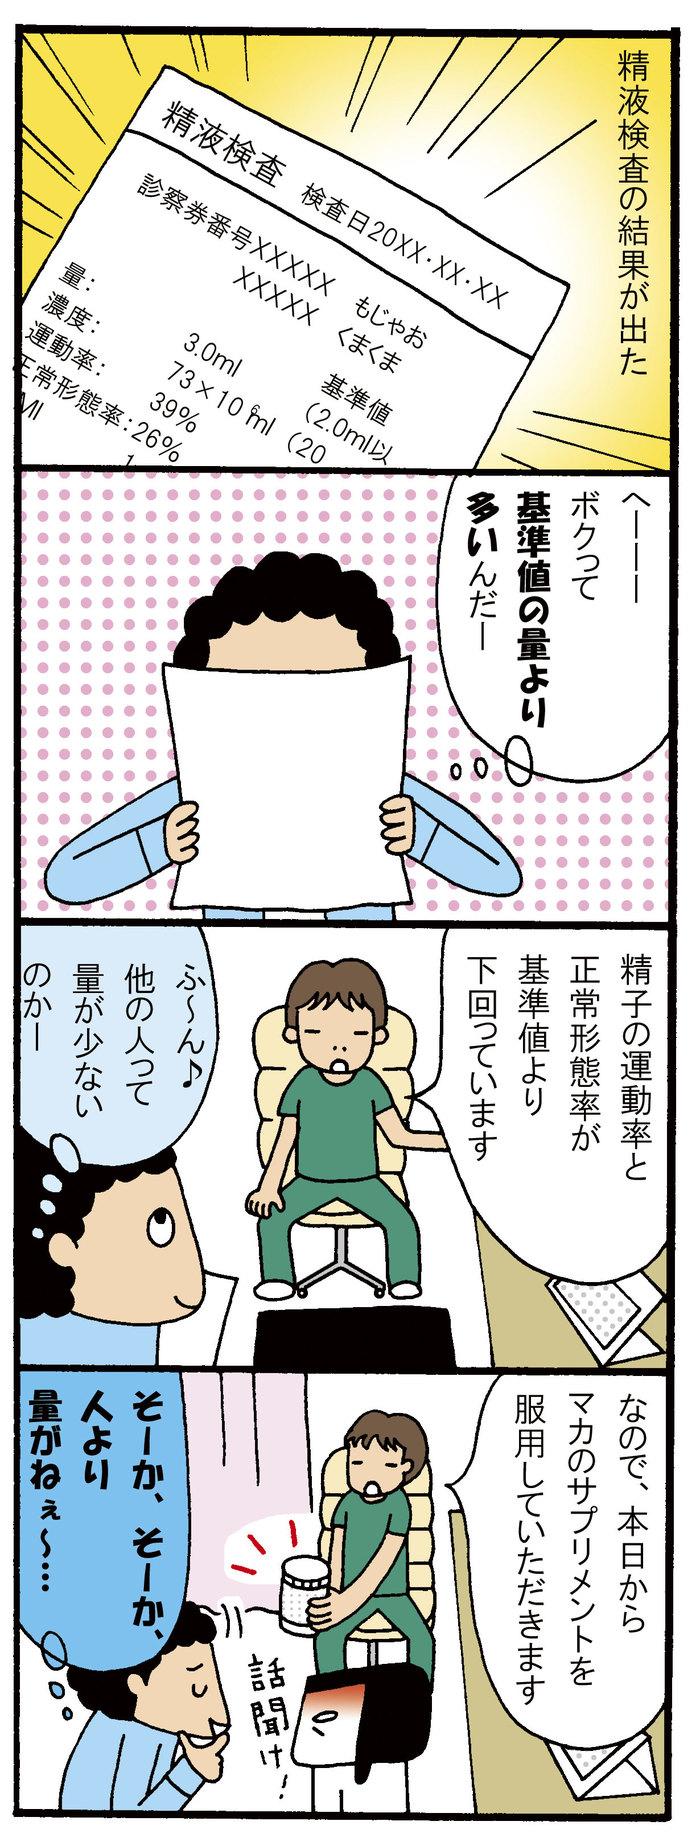 【妊活】男性不妊かもと思ったら?旦那、はじめての精液検査体験の画像1